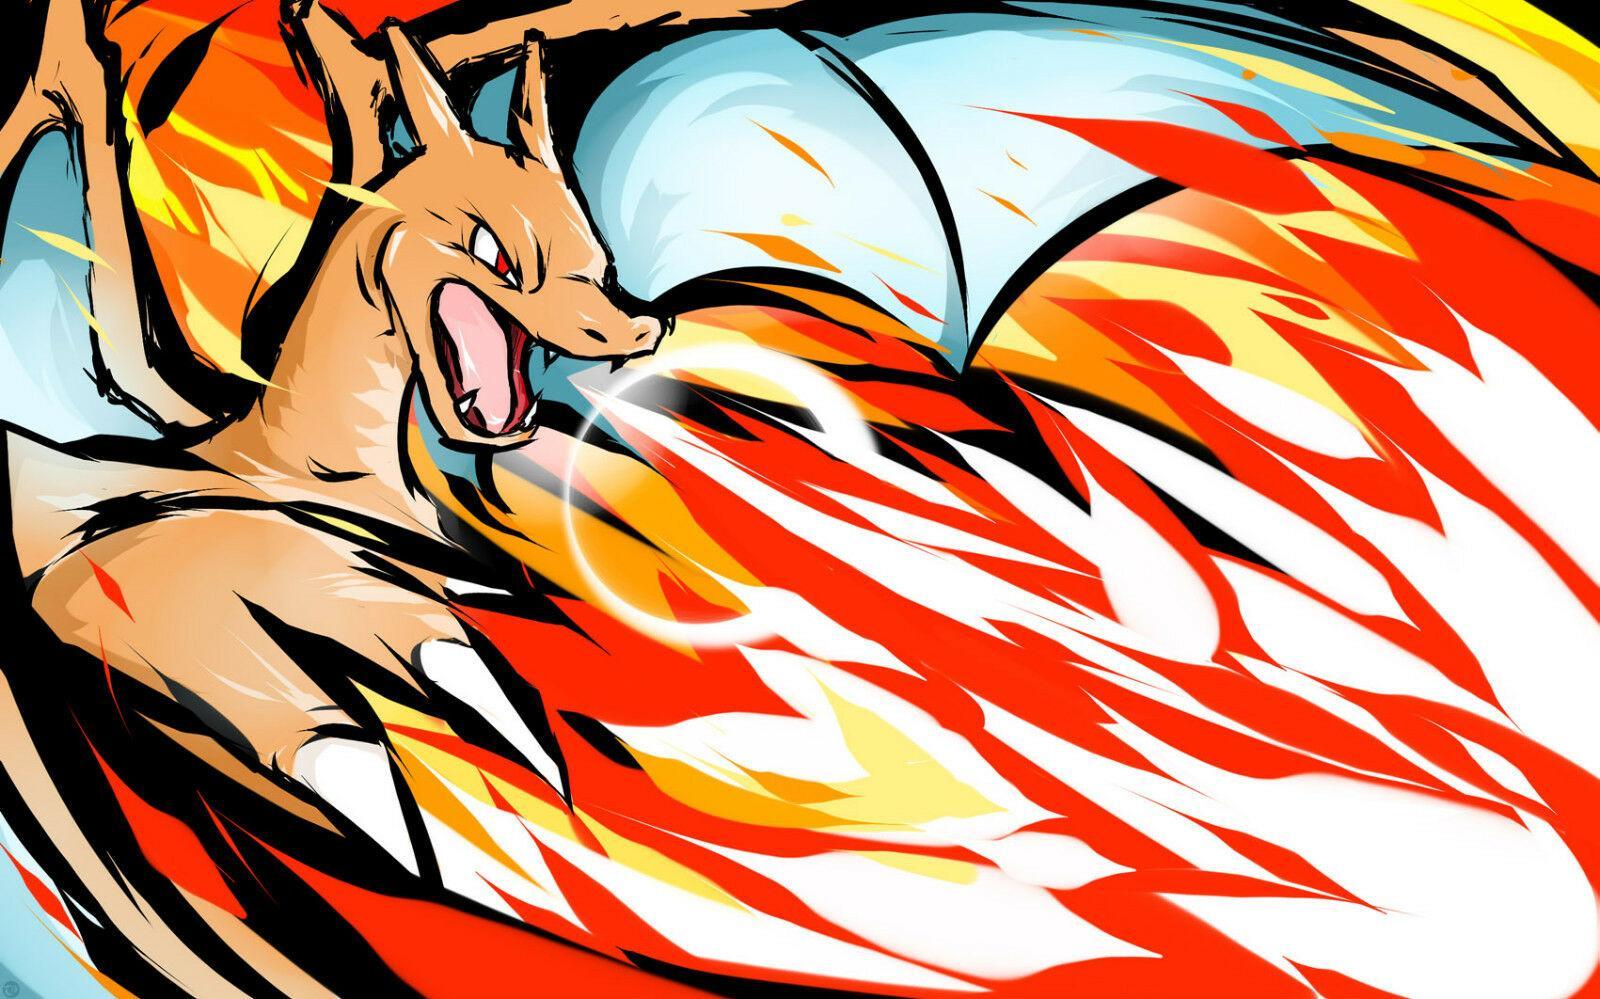 Charizard drago gigante Pittura decorazione domestica dipinta a mano HD olio Stampa pittura su tela di canapa di arte della parete della tela di canapa Immagini 200204